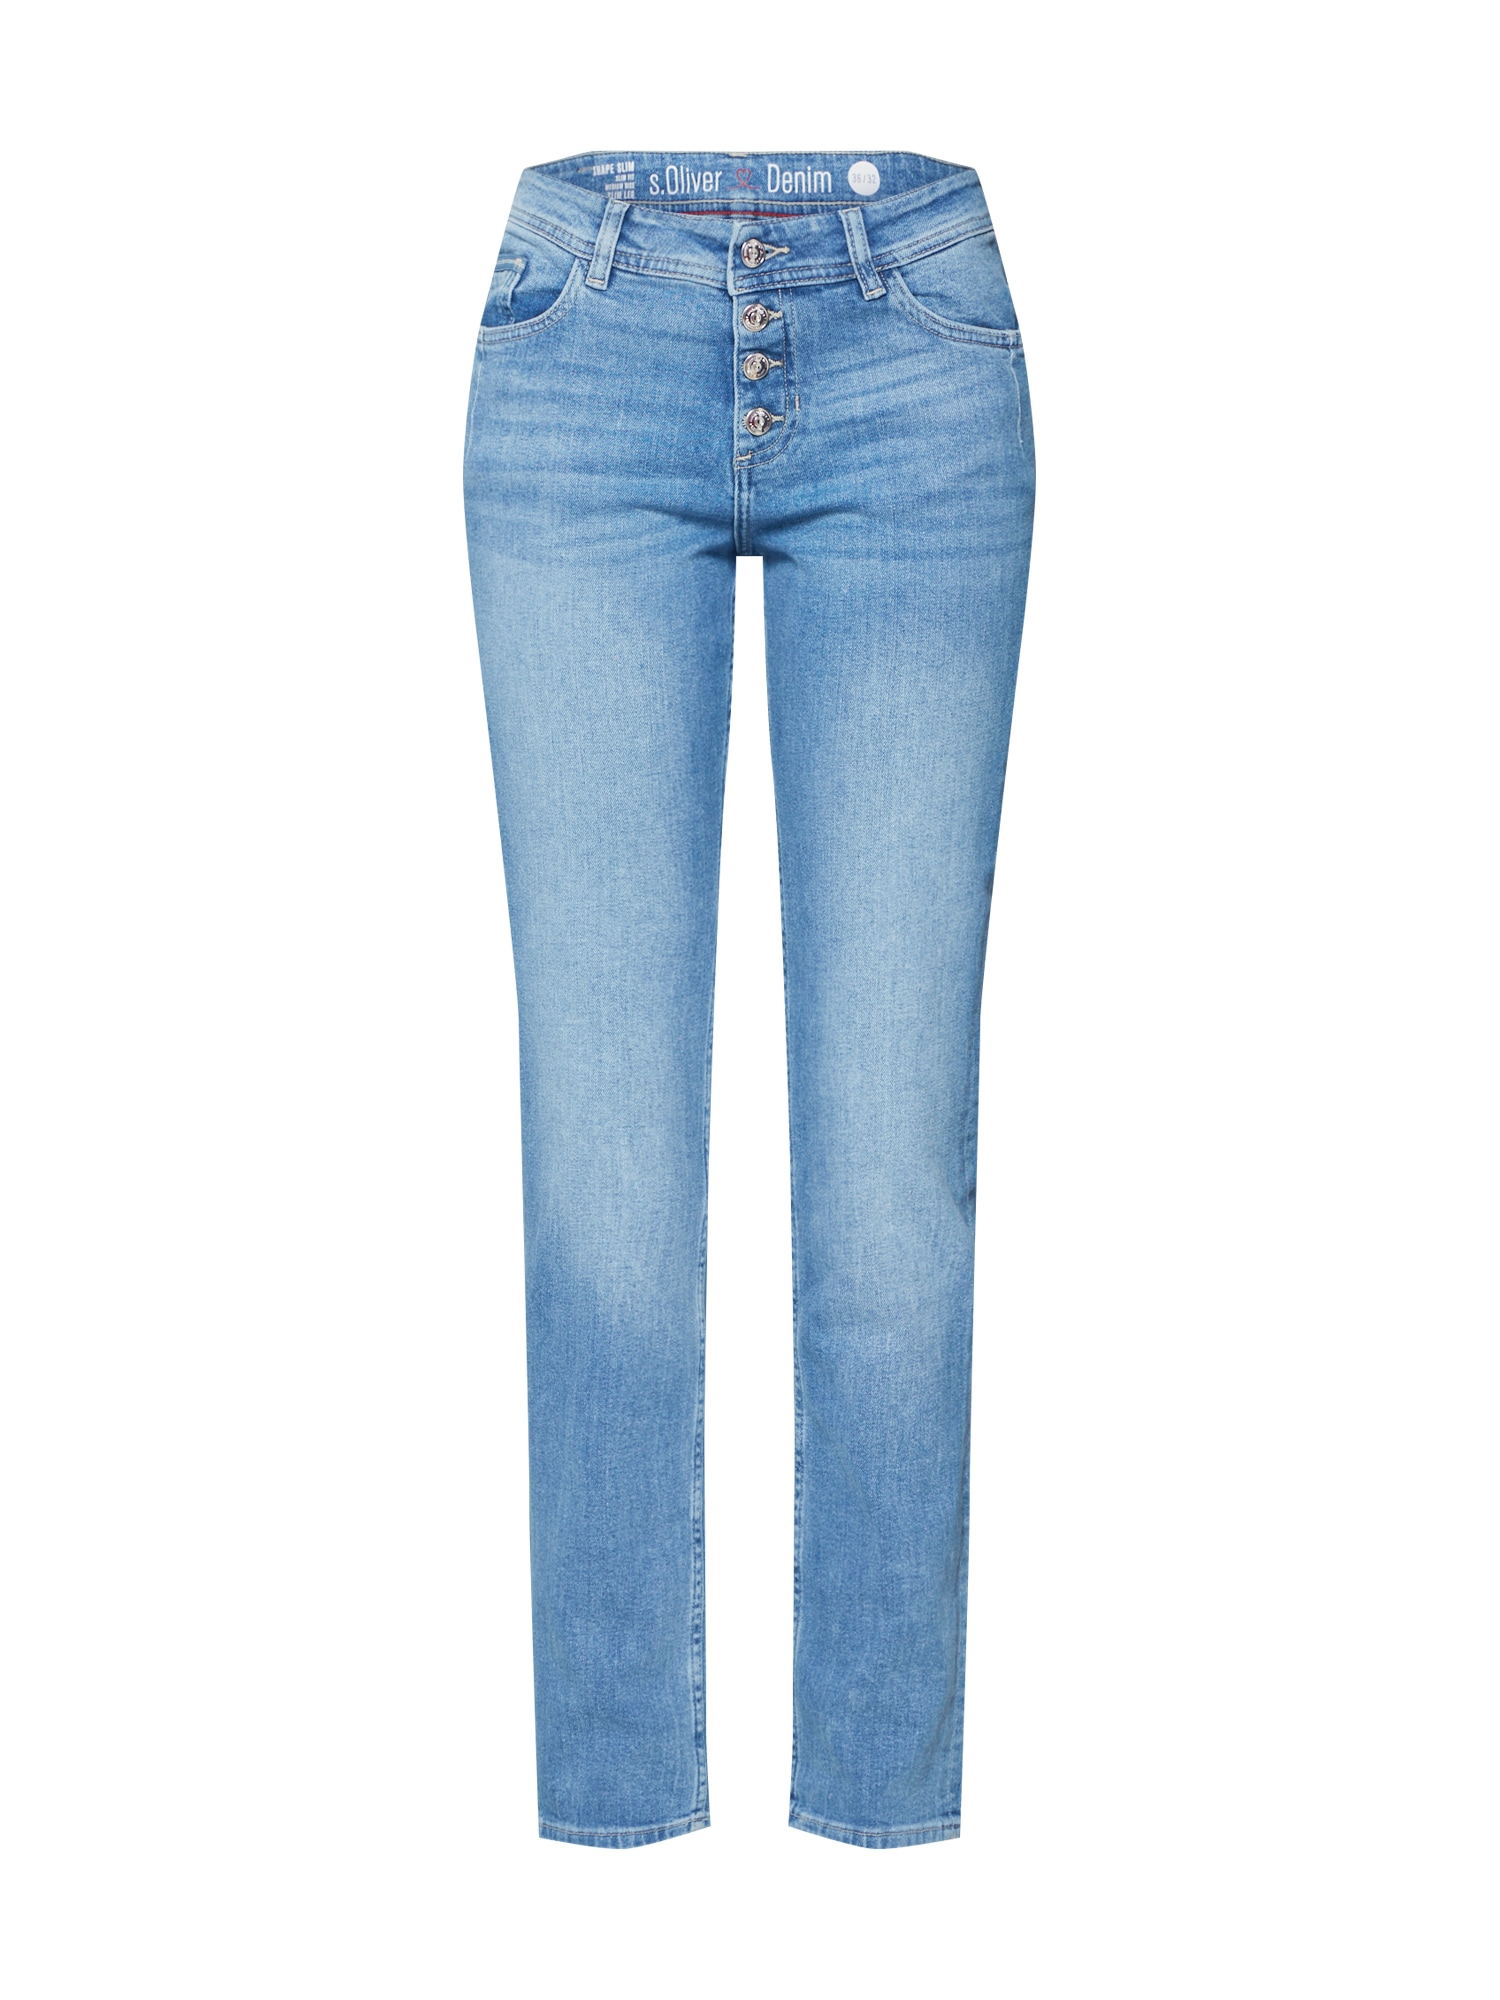 Džíny modrá džínovina tmavě modrá S.Oliver RED LABEL